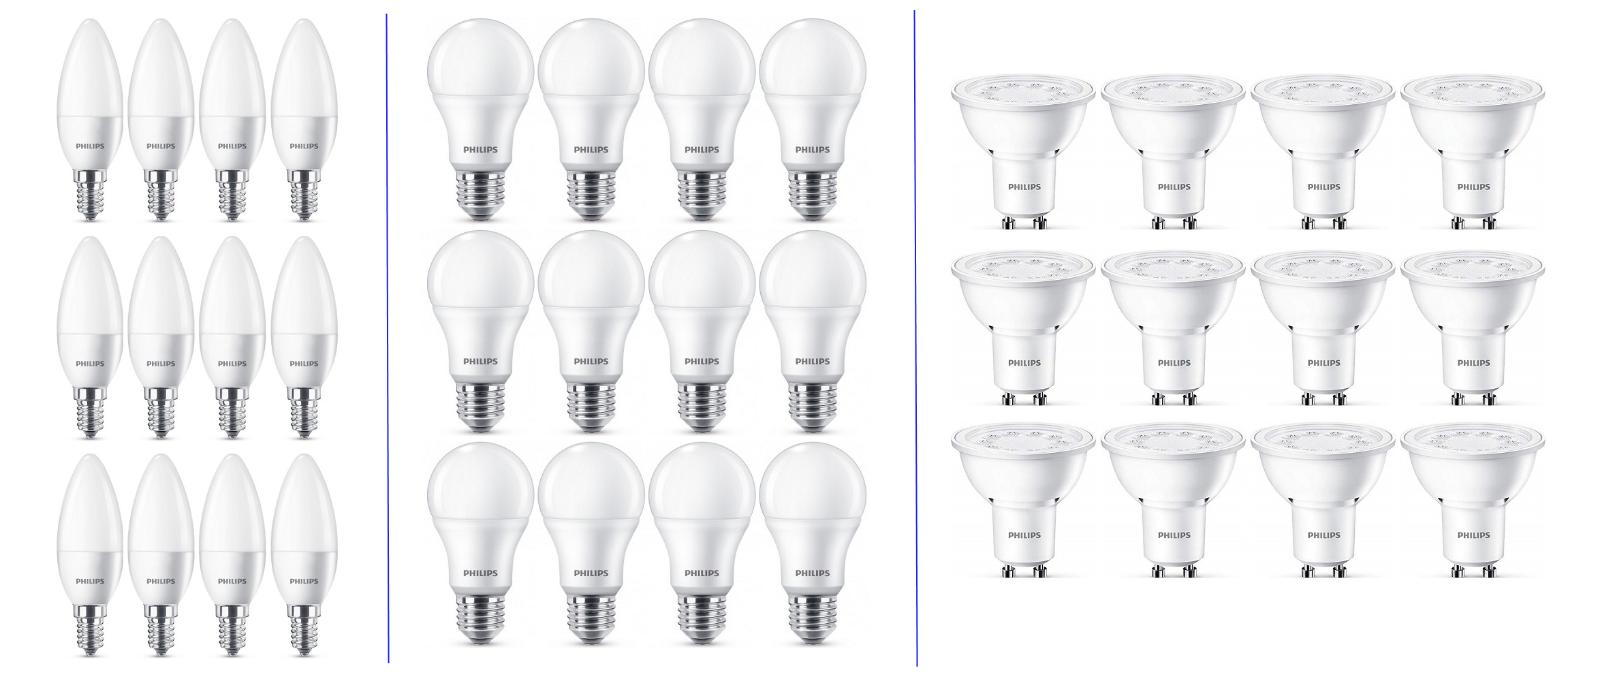 12 x Philips LED Leuchtmittel 2700K  GU10 Strahler | E27 Birnenform | E14 Kerze